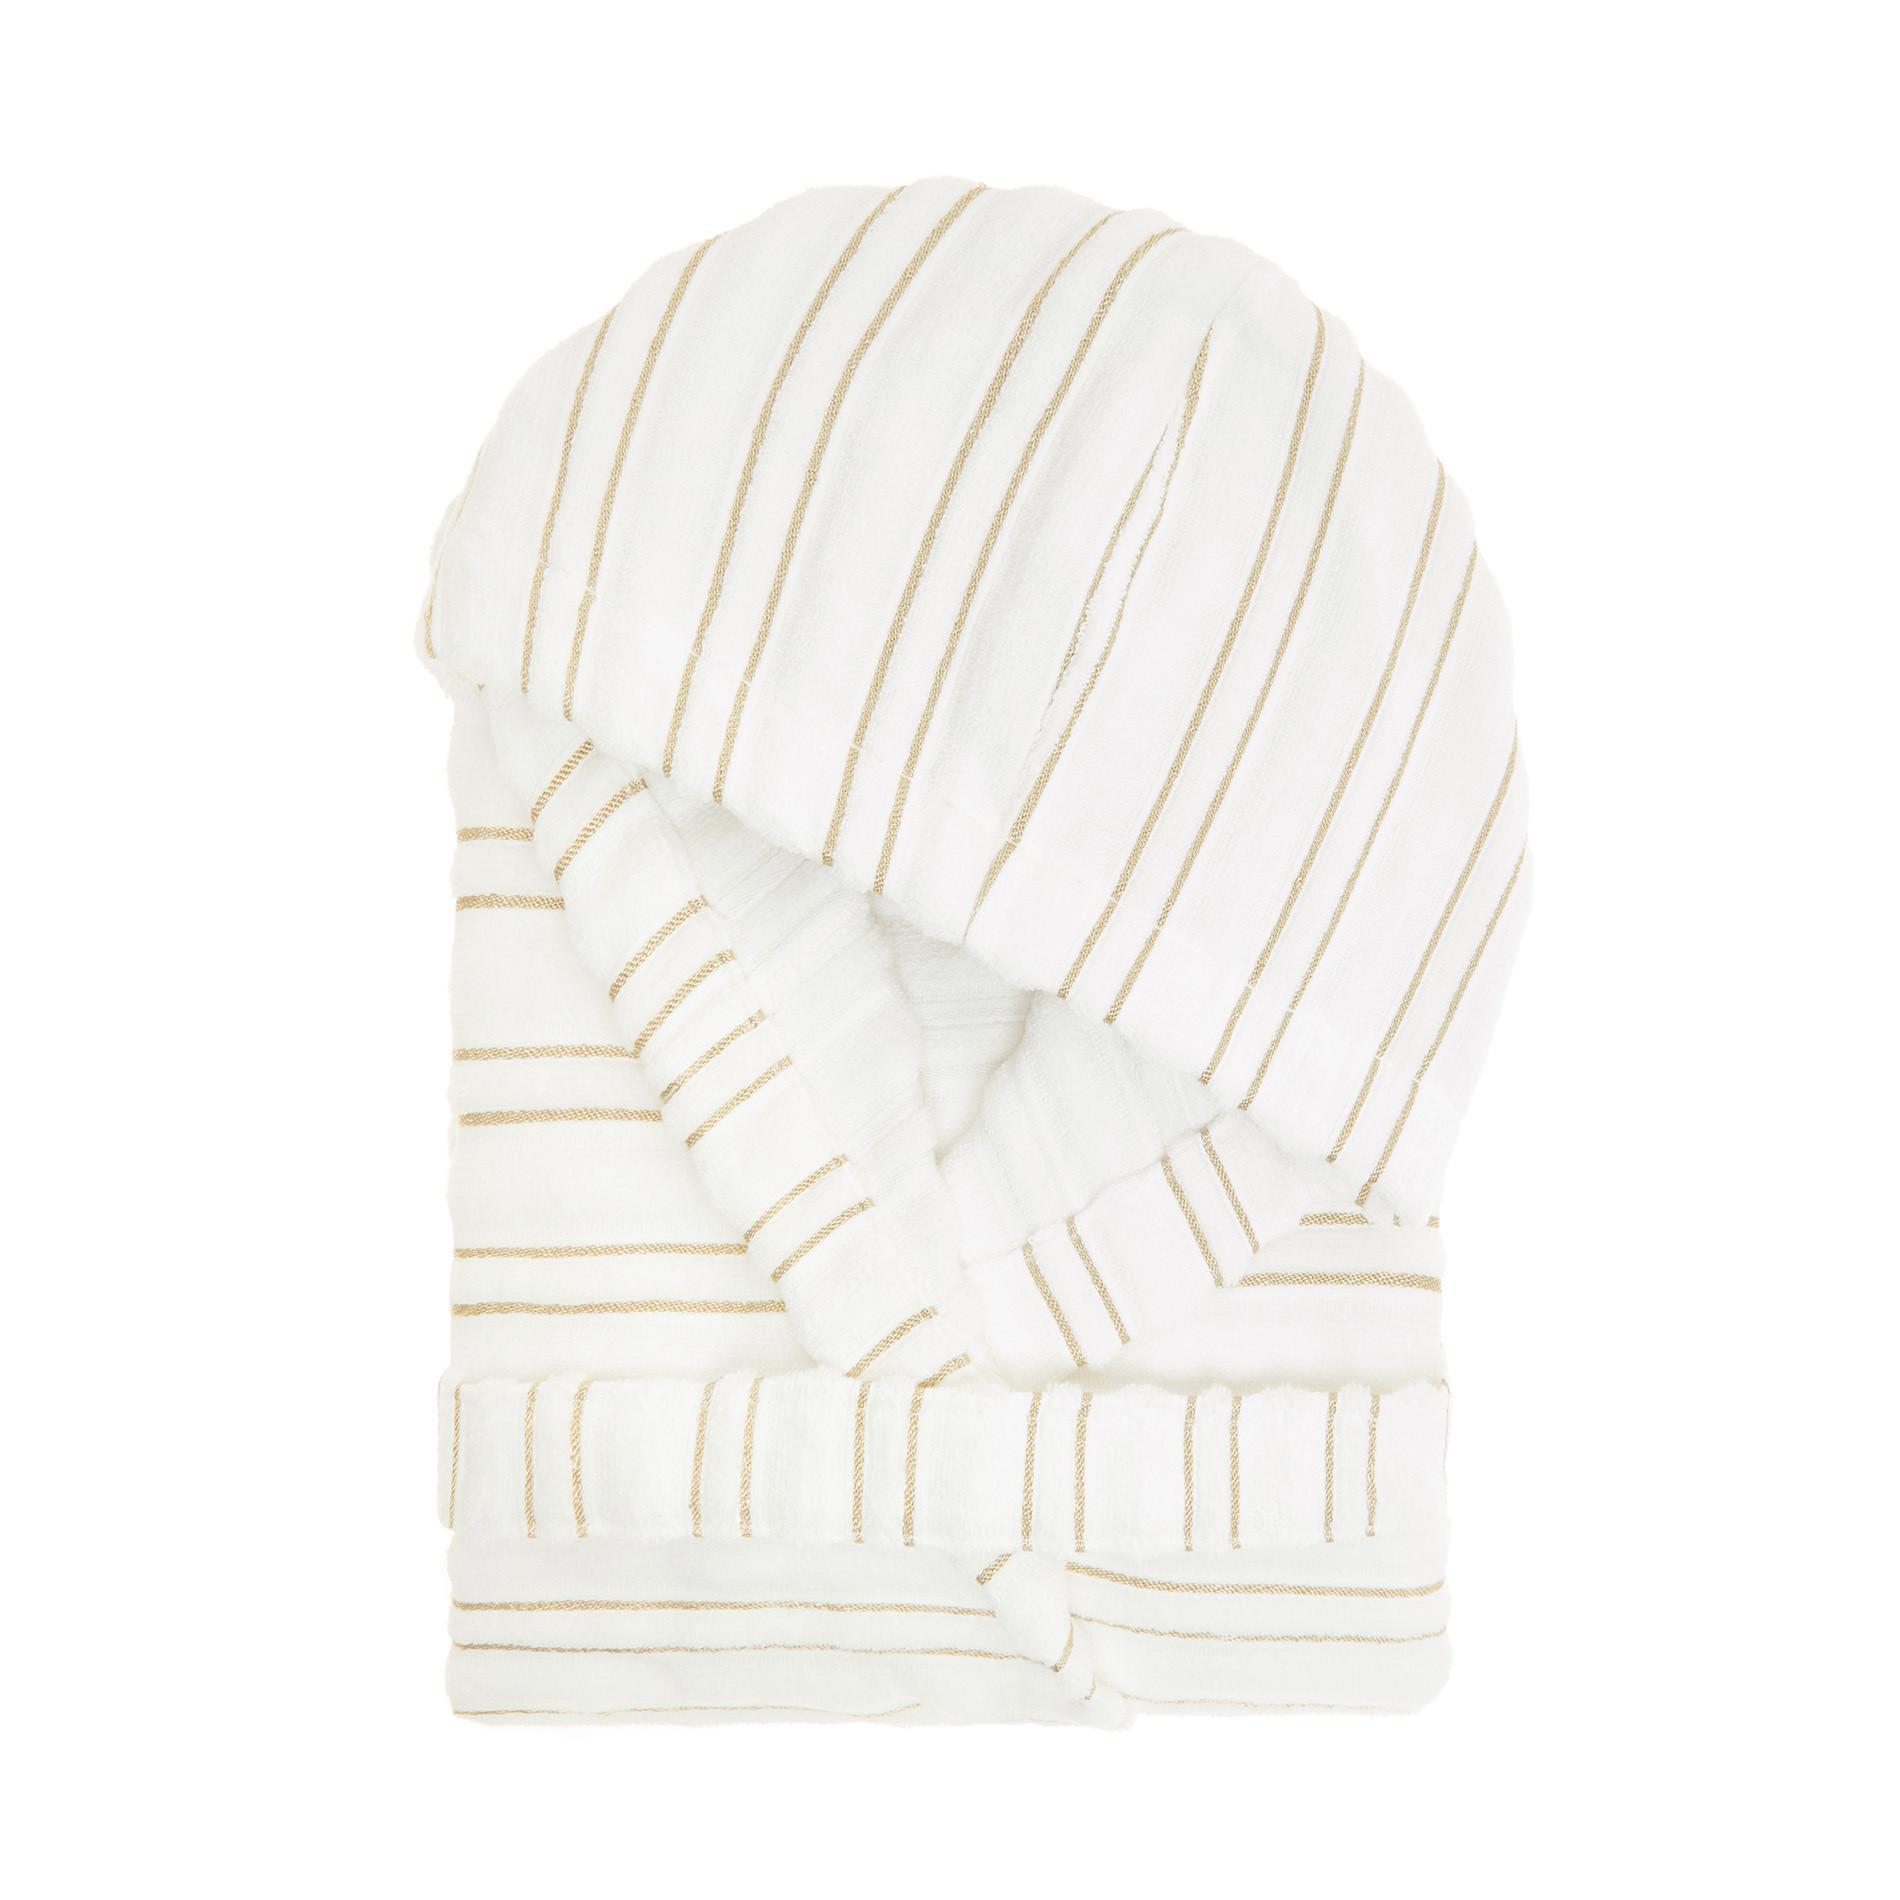 Accappatoio spugna di cotone motivo a righe Portofino, Bianco, large image number 0